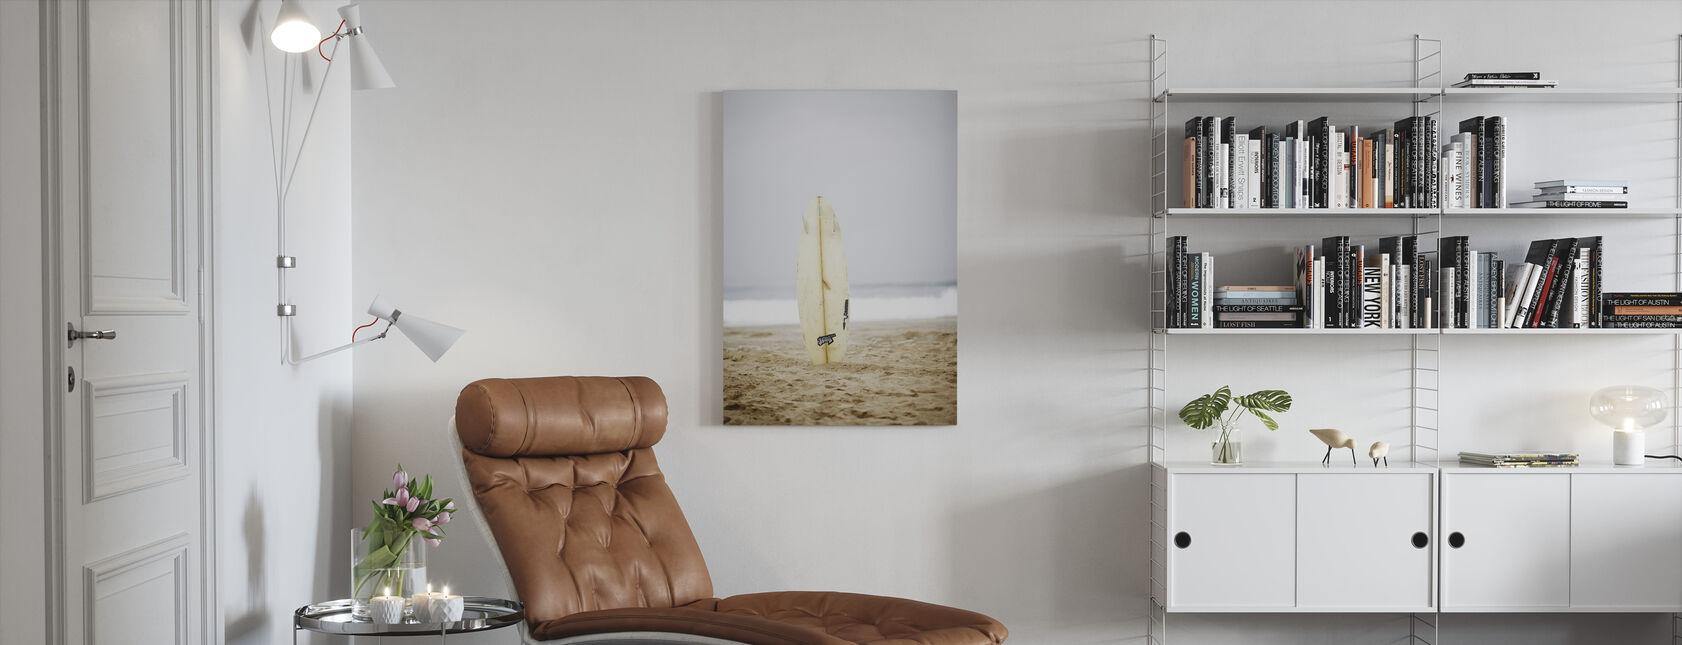 Surfbrett - Leinwandbild - Wohnzimmer